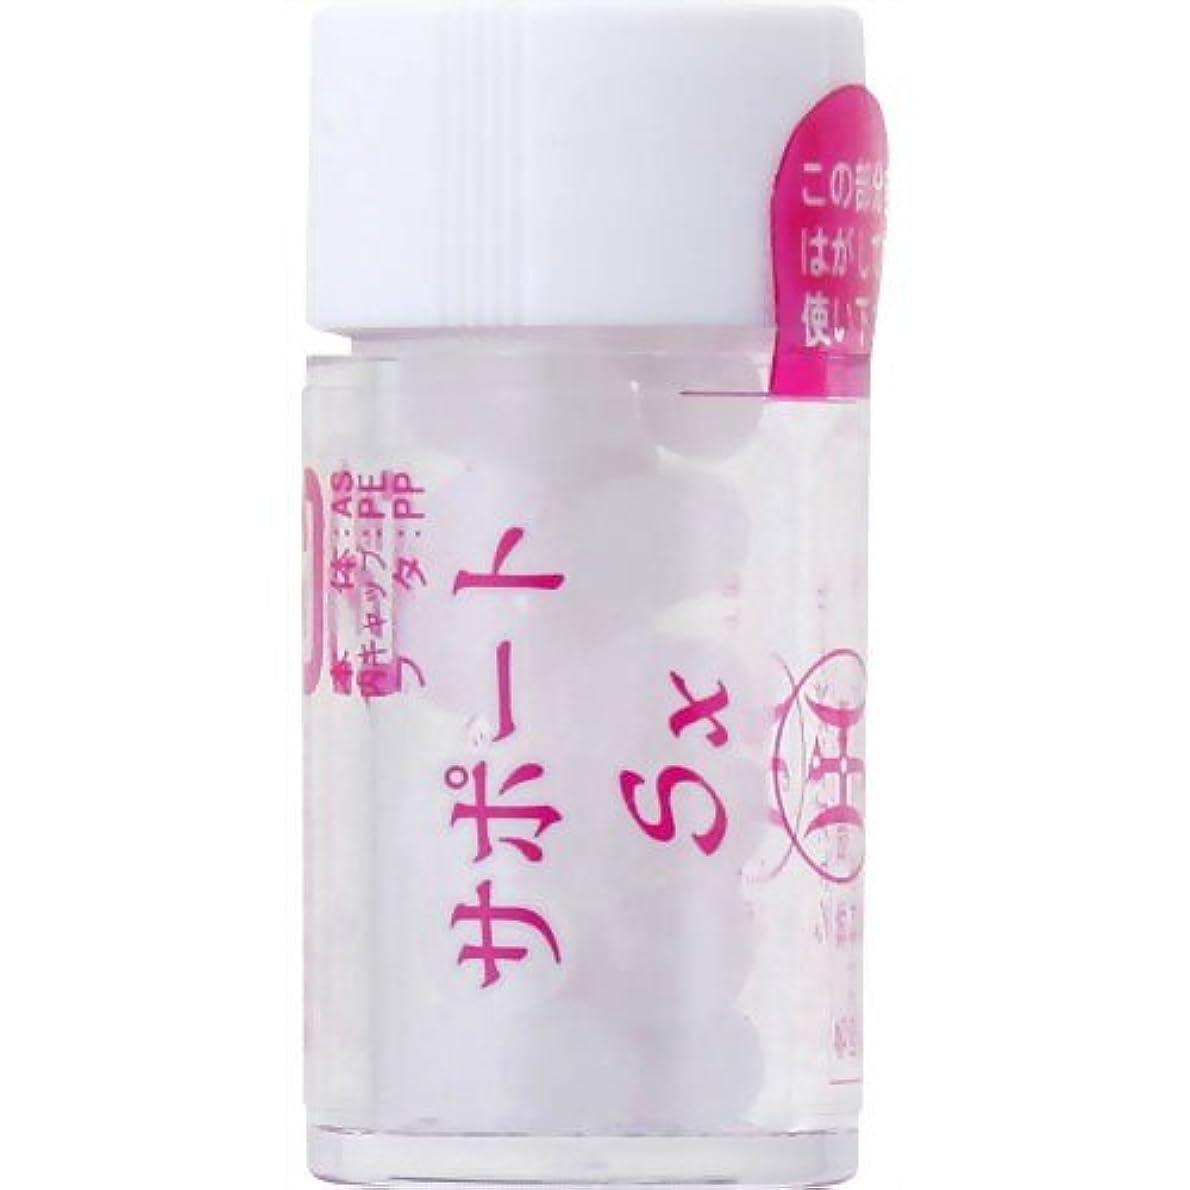 処理正当化する生理ホメオパシージャパンレメディー サポートSx(小ビン)